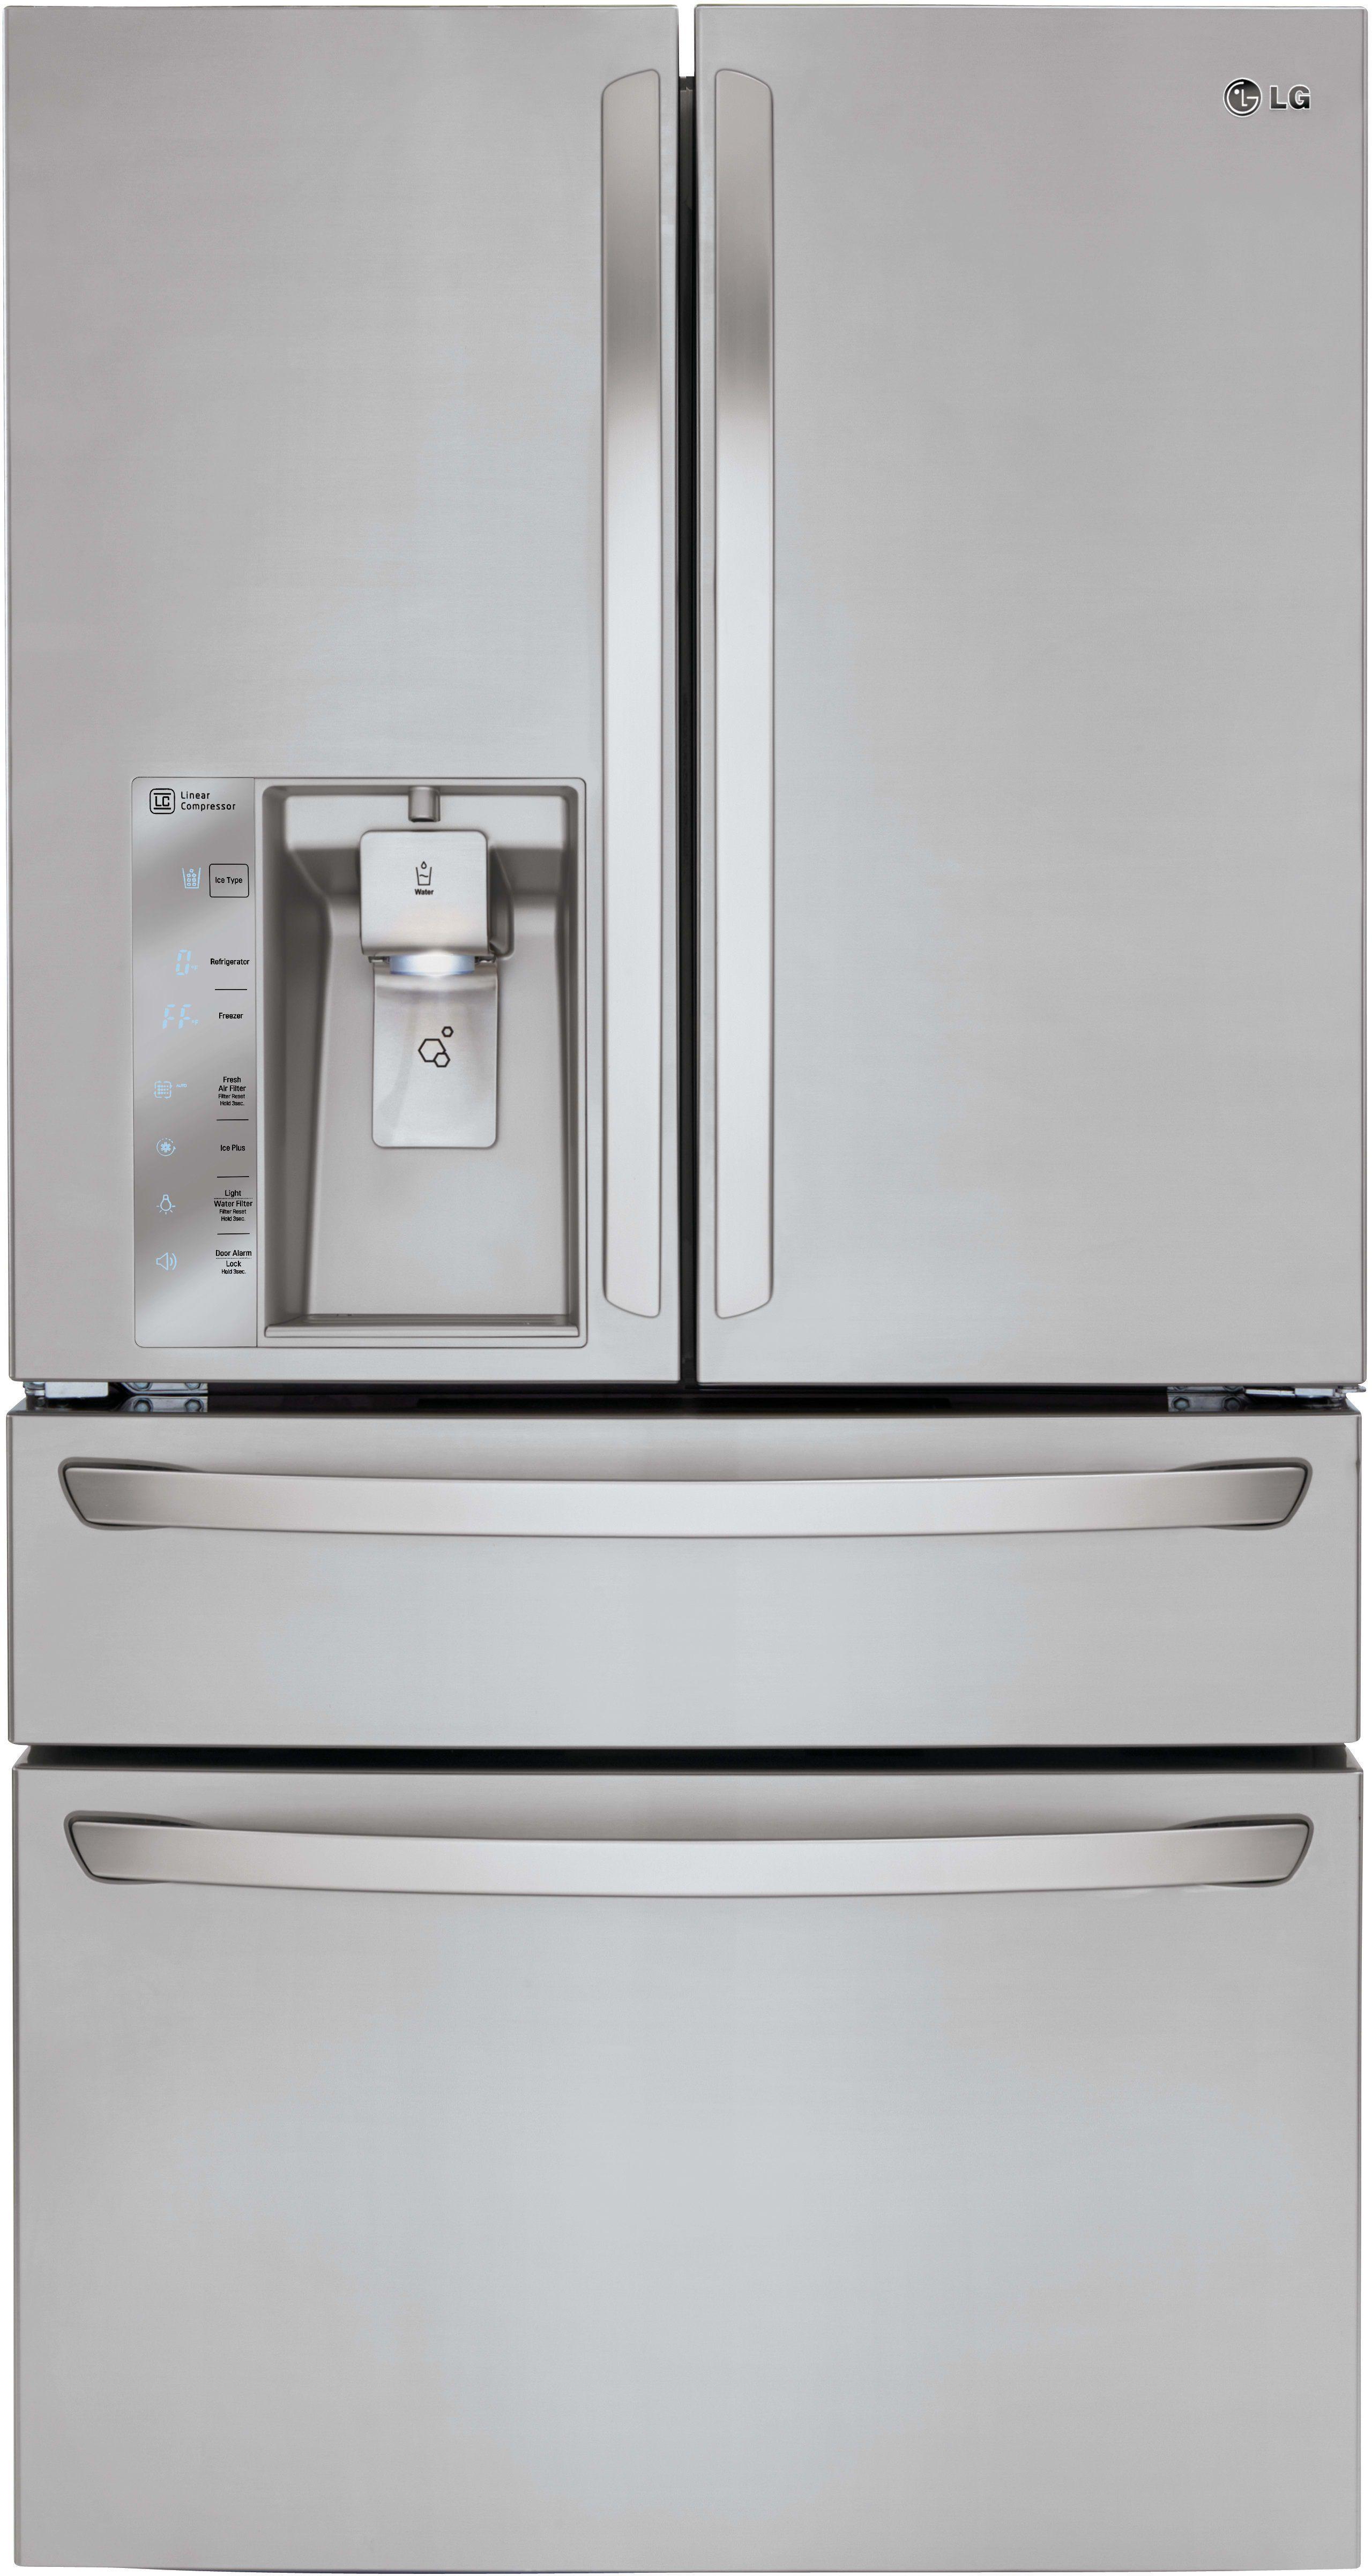 Lg Lmxc23746s 36 Inch Counter Depth 4 Door French Door Counter